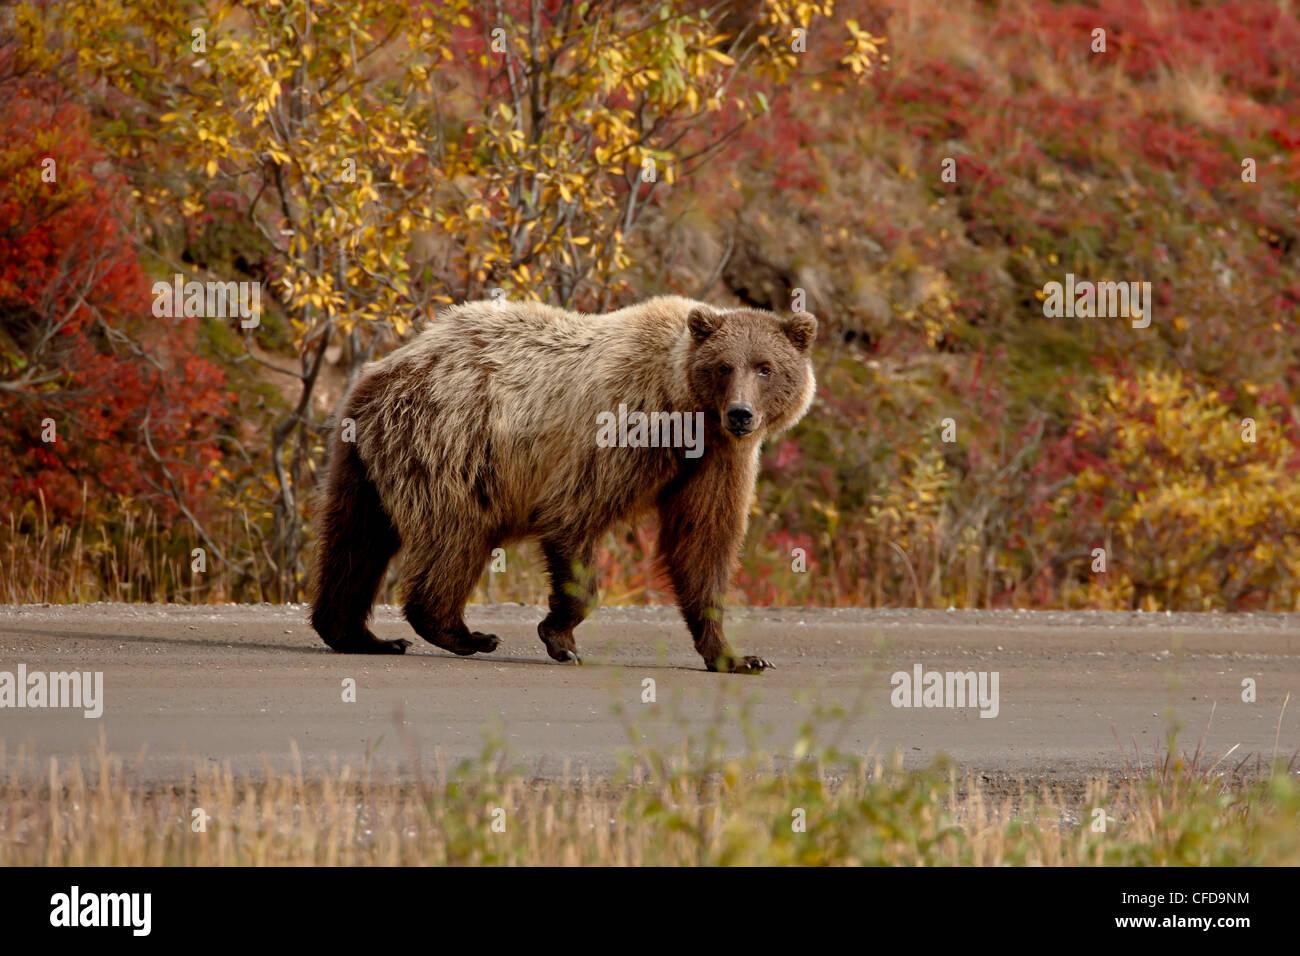 Grizzly Bär (Ursus Arctos Horribilis) (Coastal Braunbär) auf einer Straße, Denali Nationalpark und Stockbild